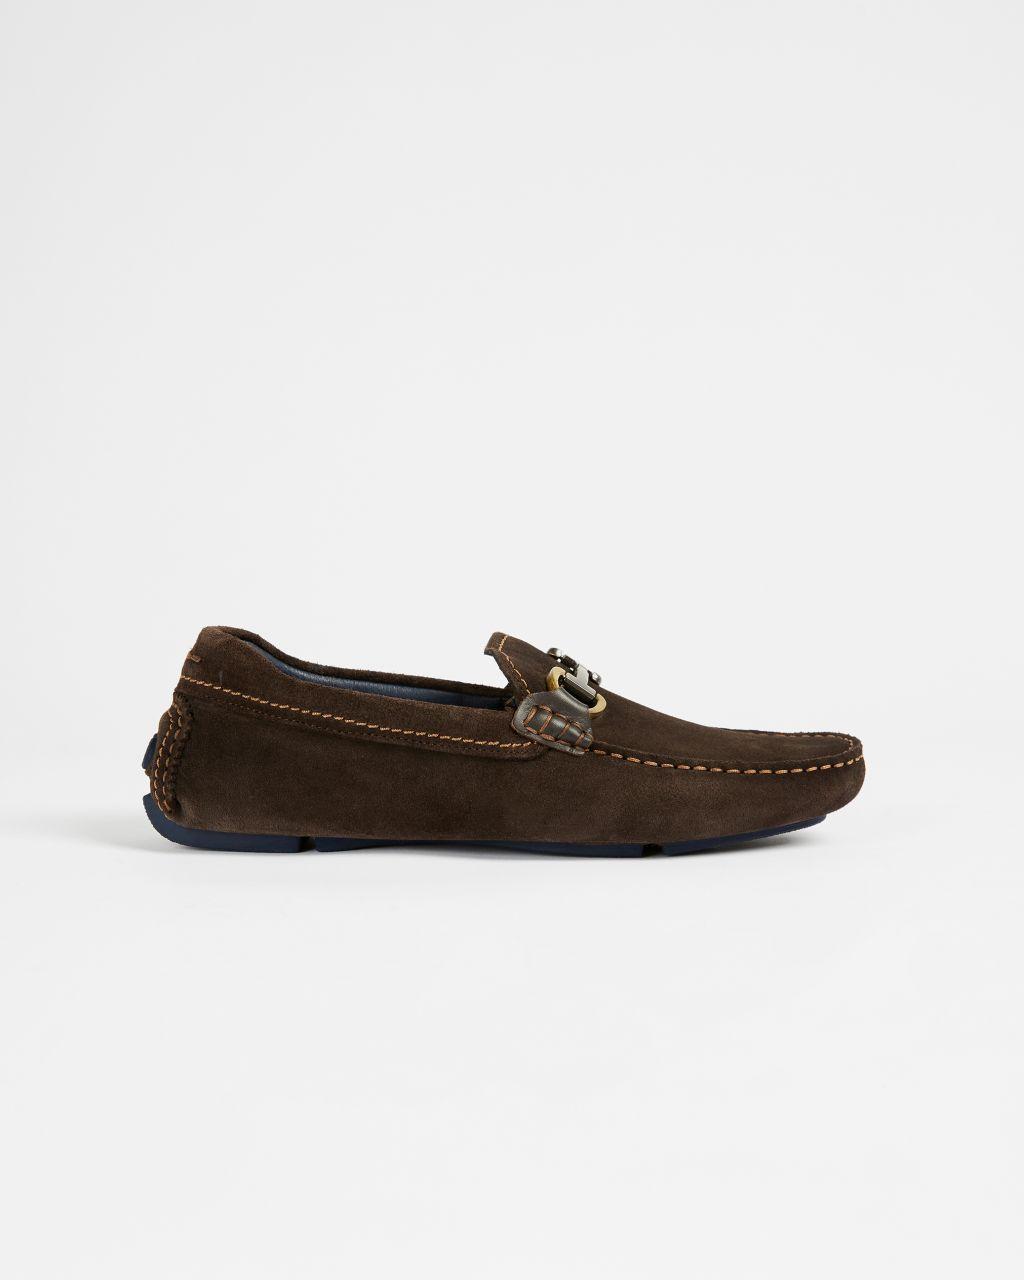 TED BAKER Loafers Aus Leder | TED BAKER SALE